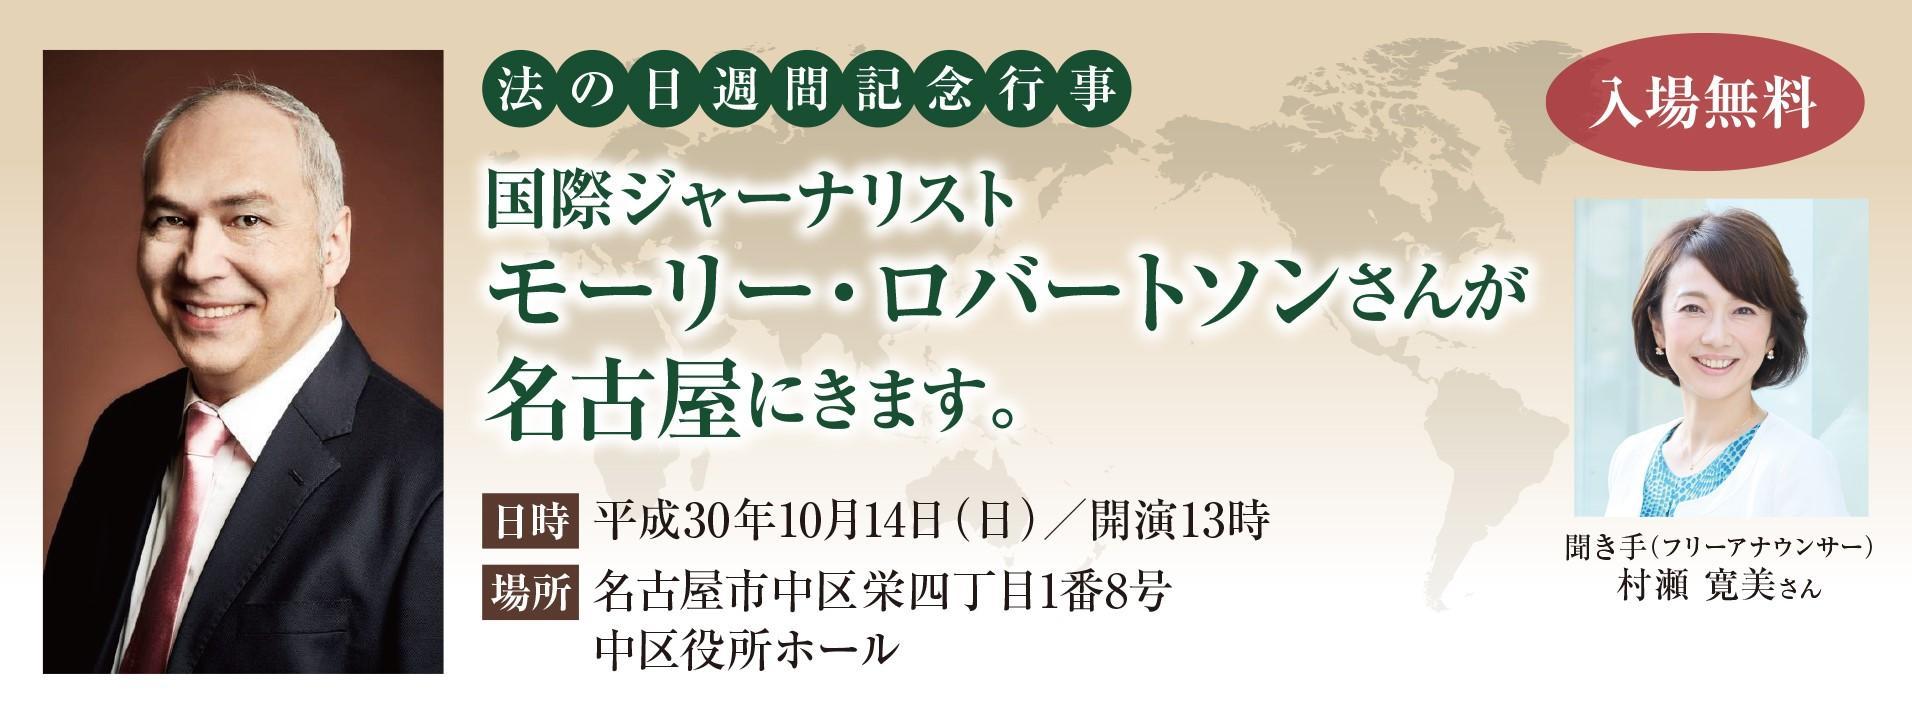 平成30年度 法の日週間記念行事 - 広報委員会 - 愛知県弁護士会